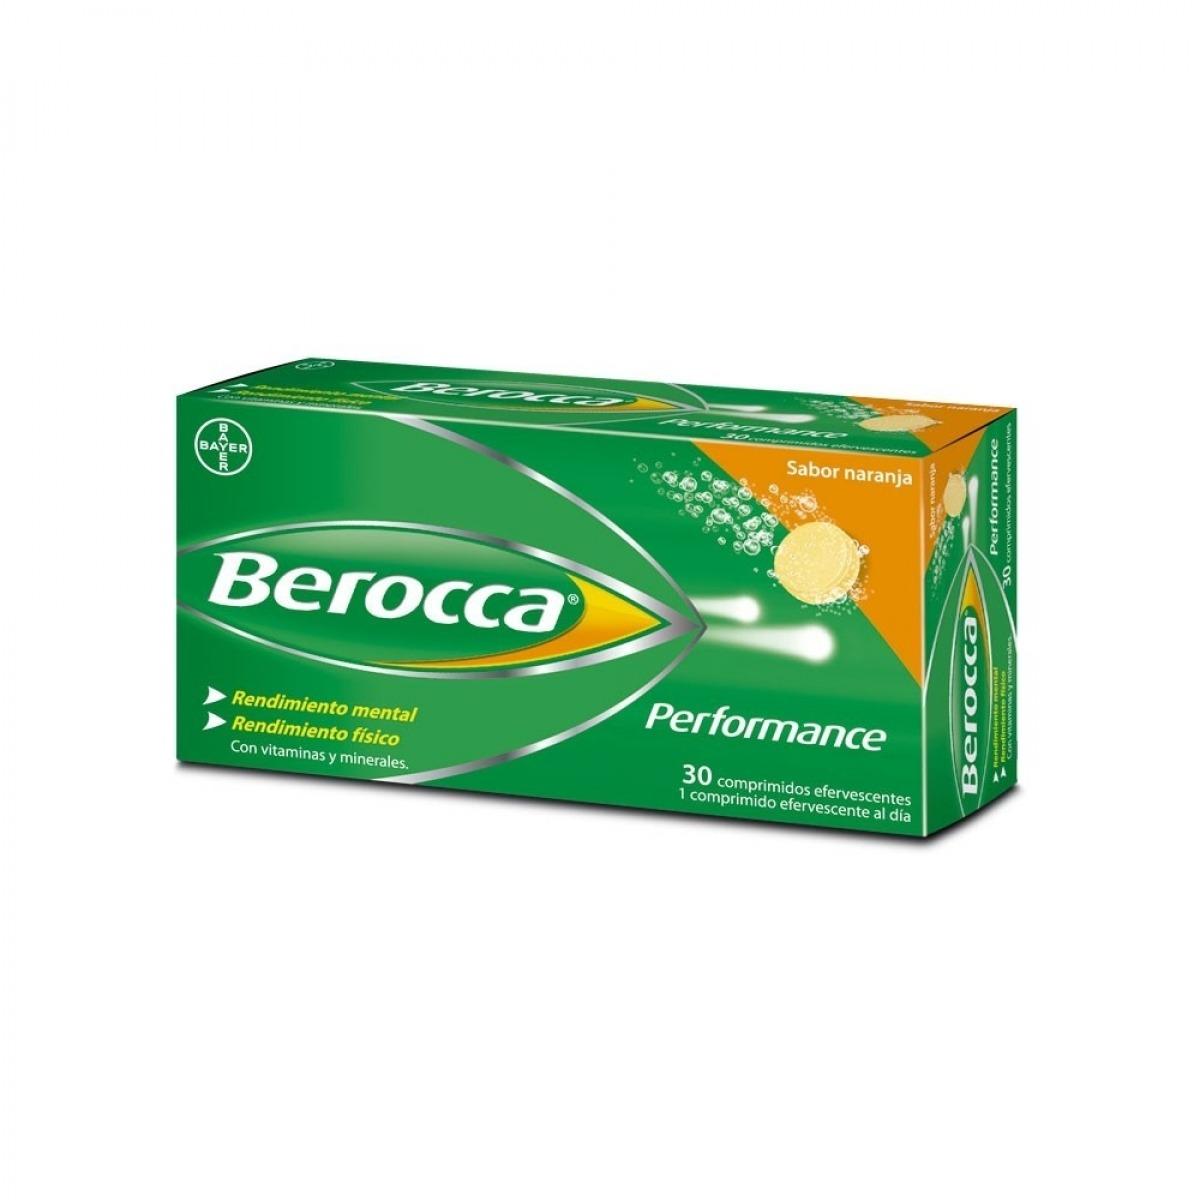 BEROCCANARANJA30COMPRIMIDOSEFERVESCENTES I1